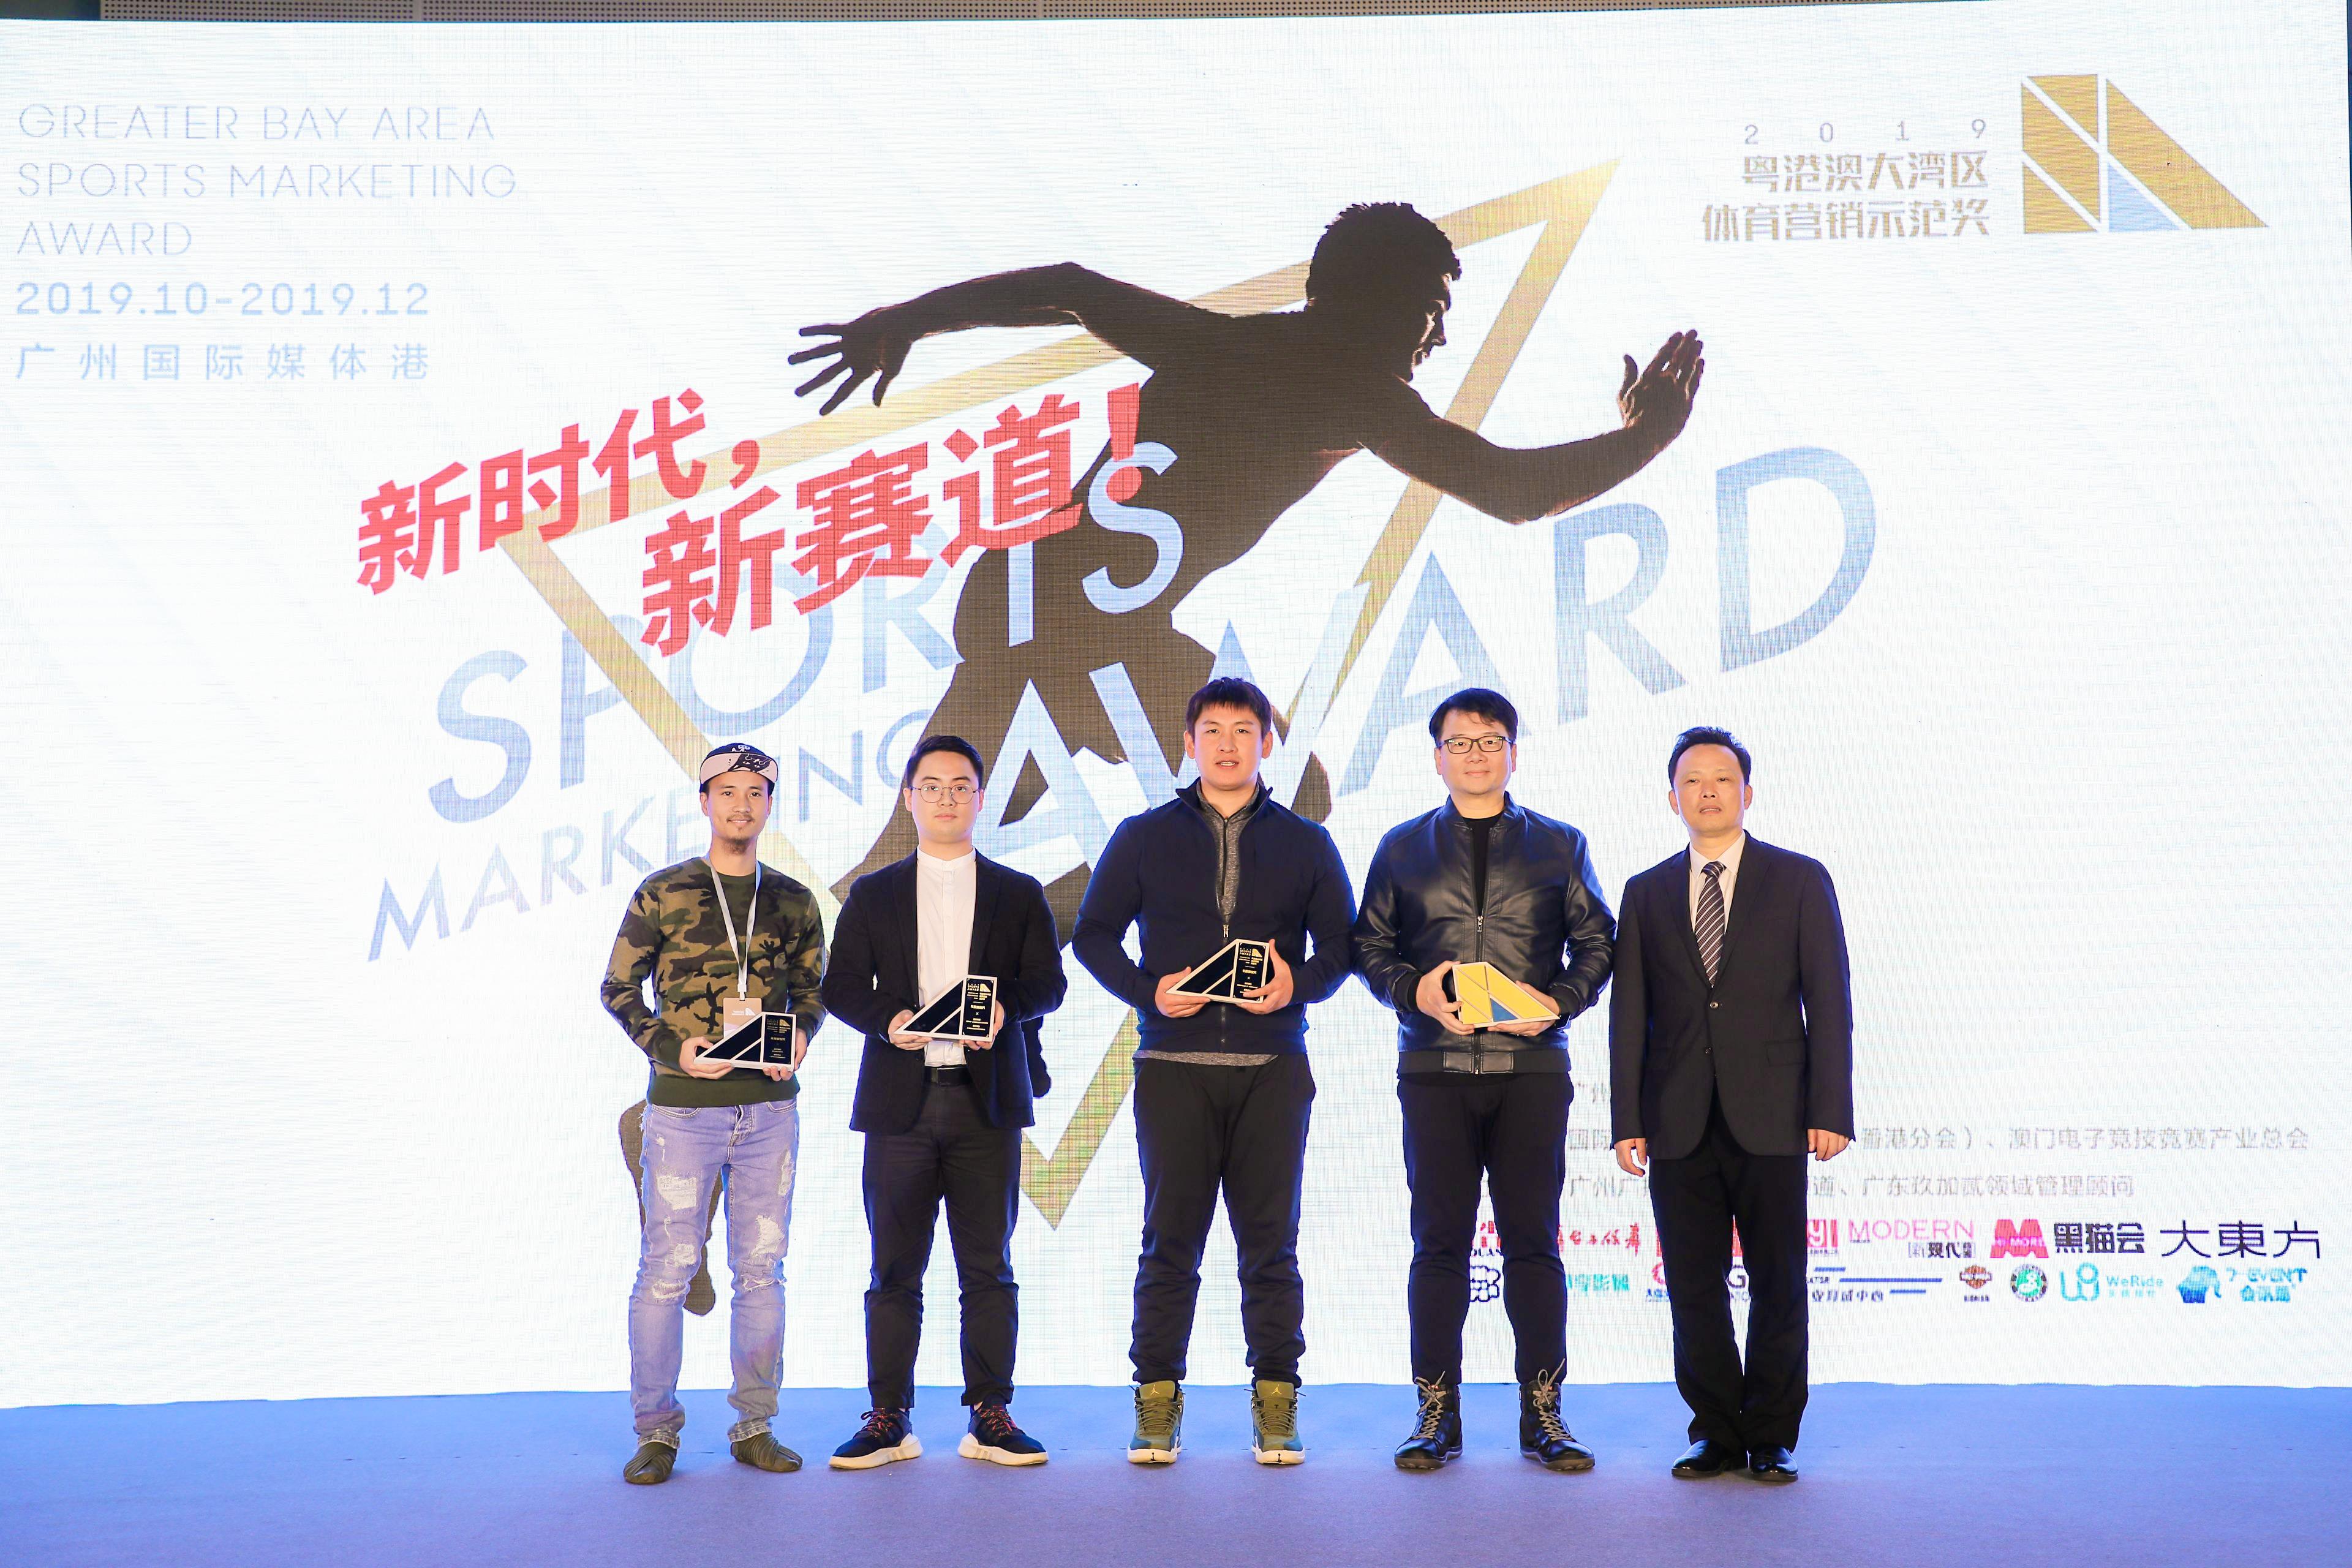 获奖名单丨体育营销示范奖年度新锐奖